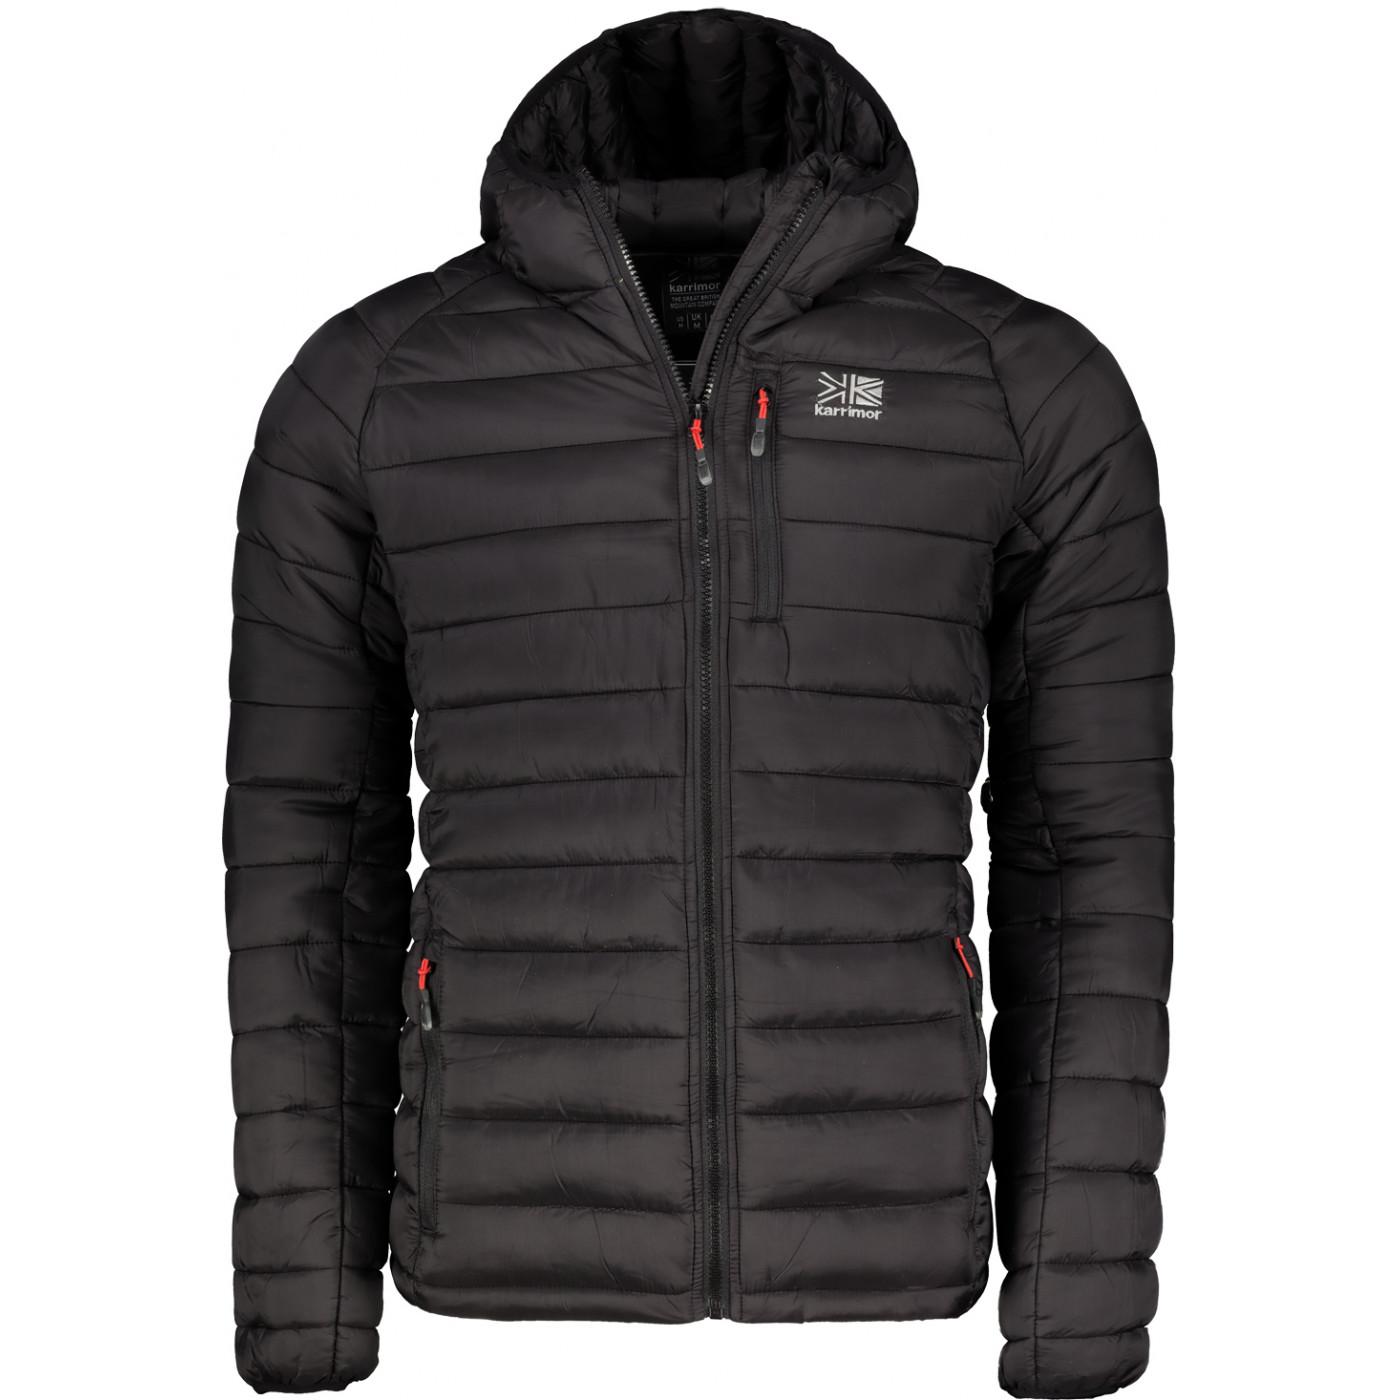 Karrimor Hot Crag Insulated Jacket Mens